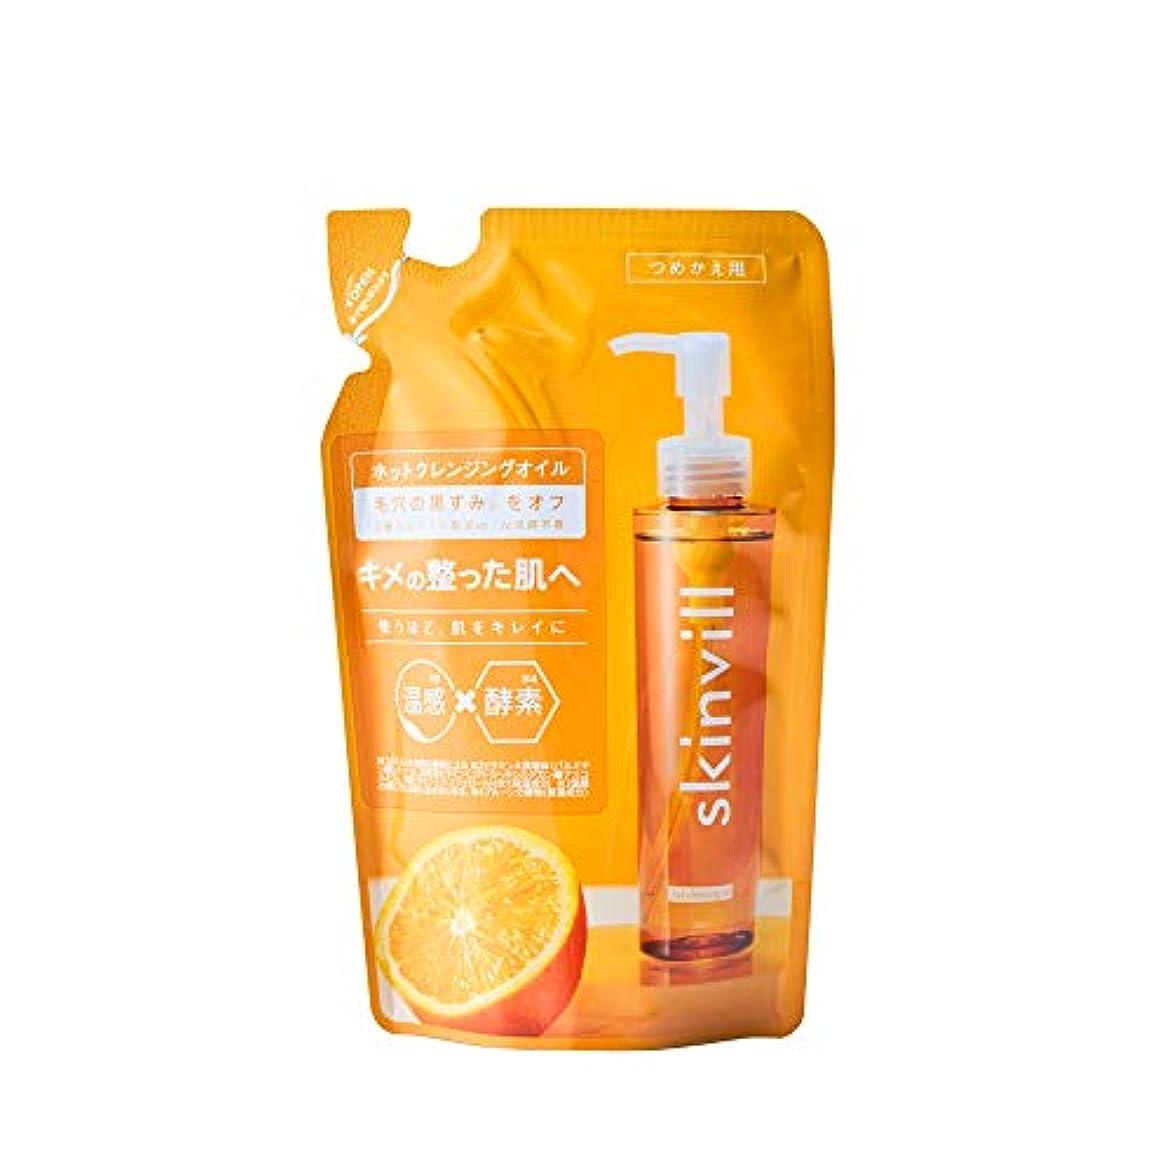 宣伝ハドル故障中skinvill スキンビル ホットクレンジングオイル 詰め替えパウチ 130mL シトラスオレンジの香り